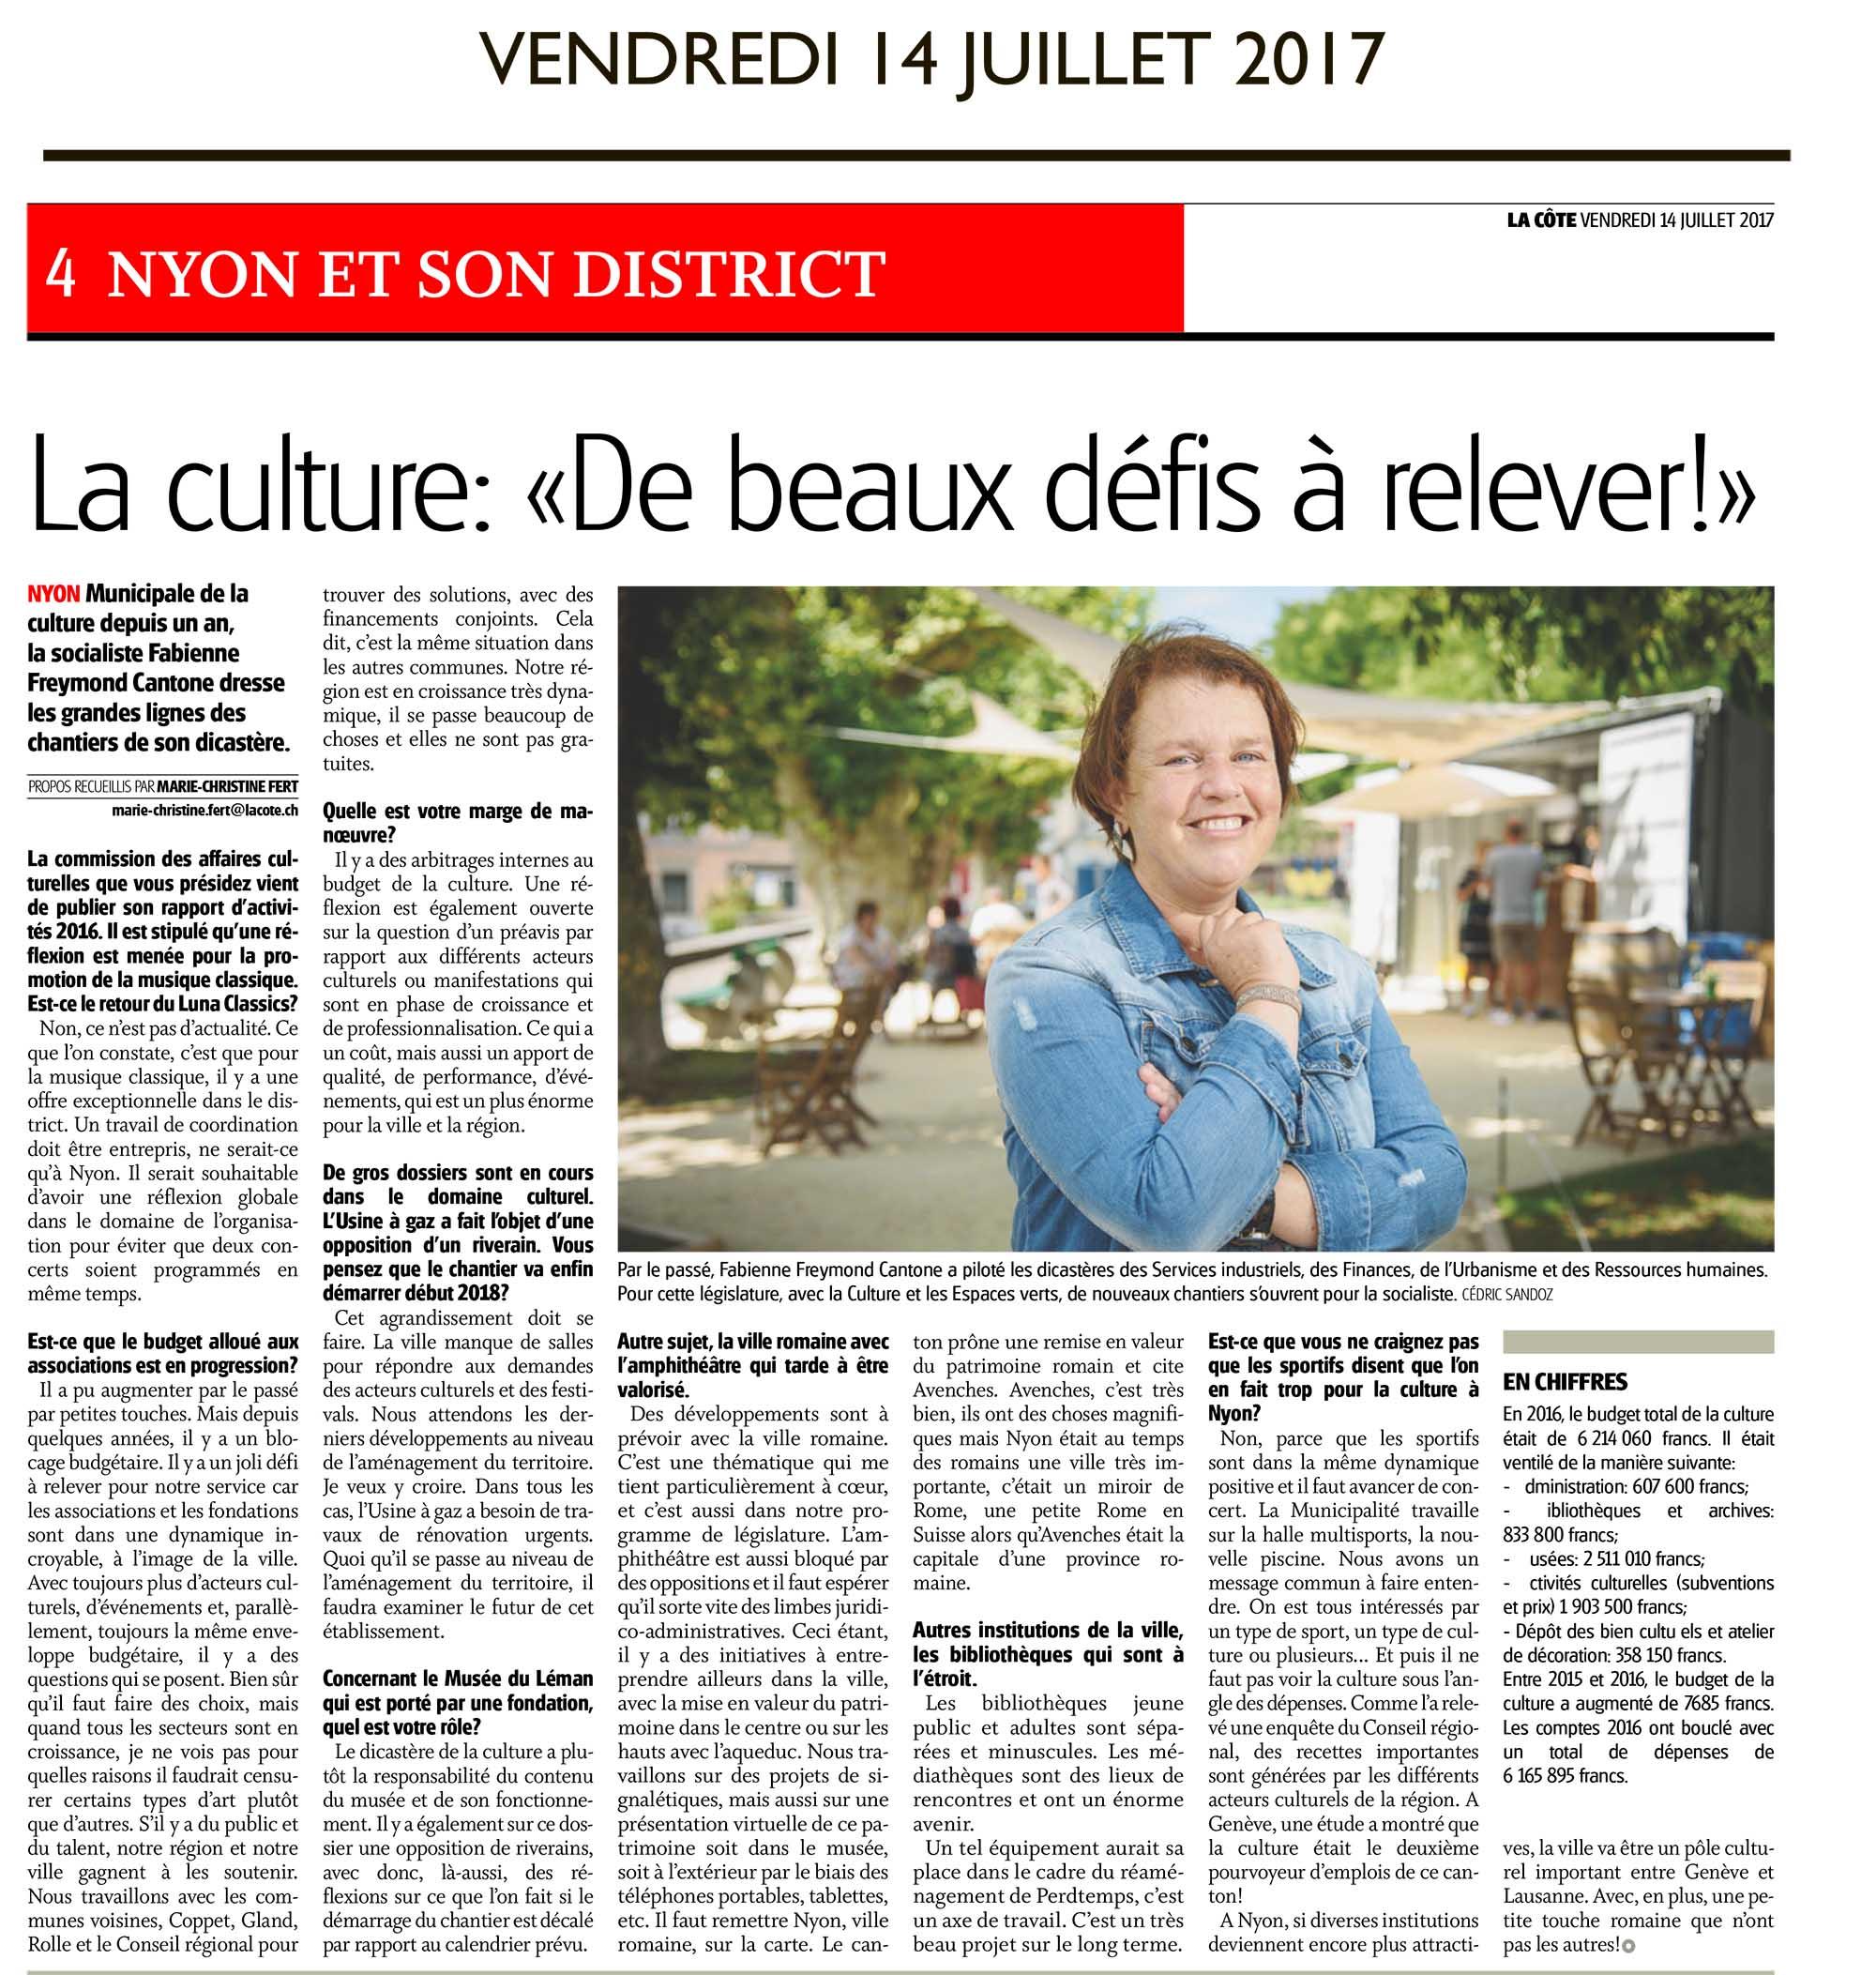 2017-07-14 La Côte